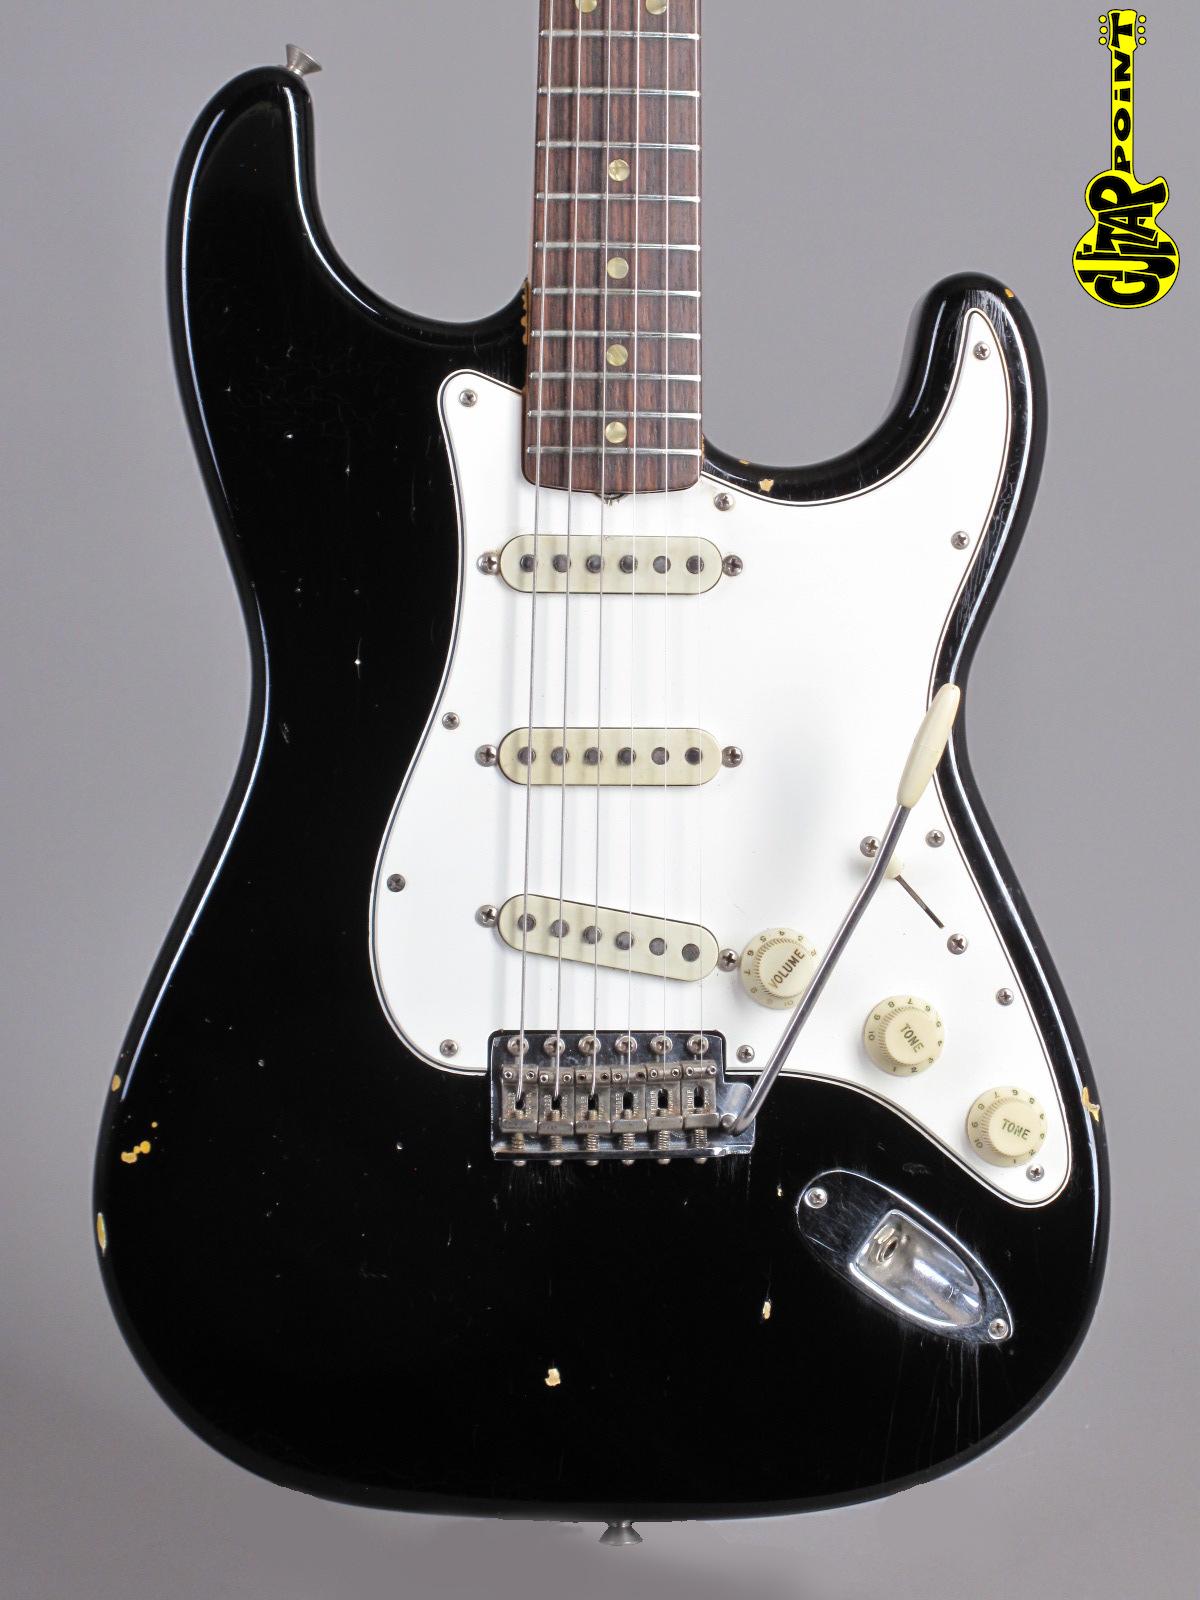 1966 Fender Stratocaster - Black